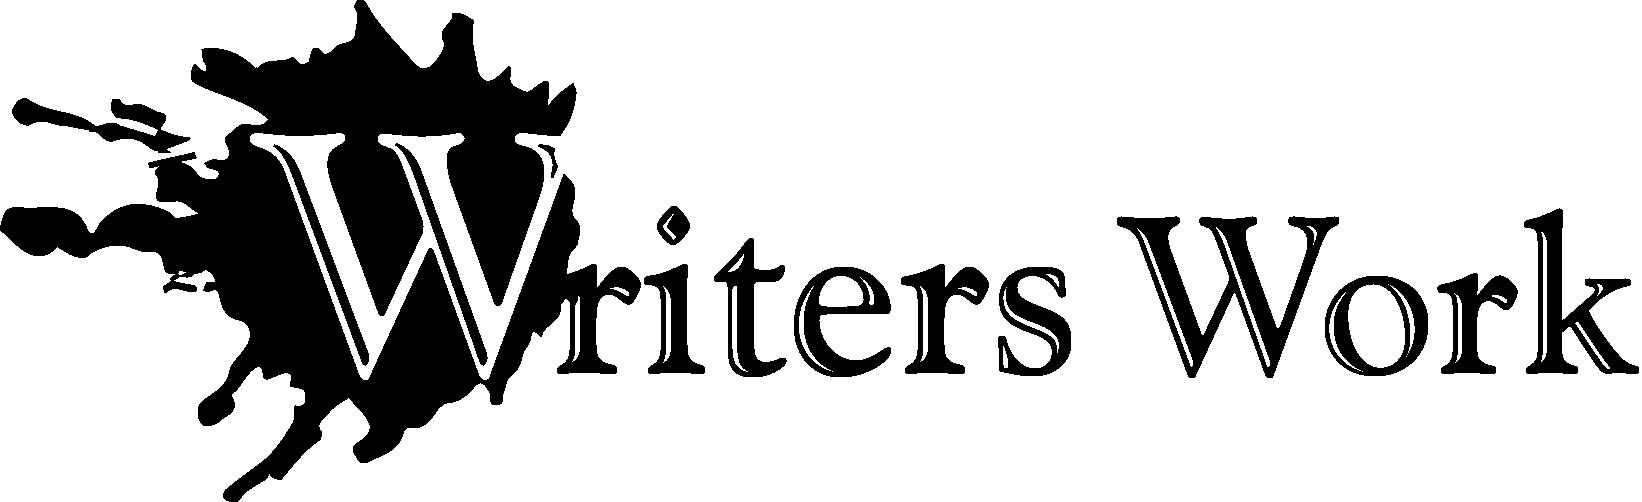 writers-work-logo.png